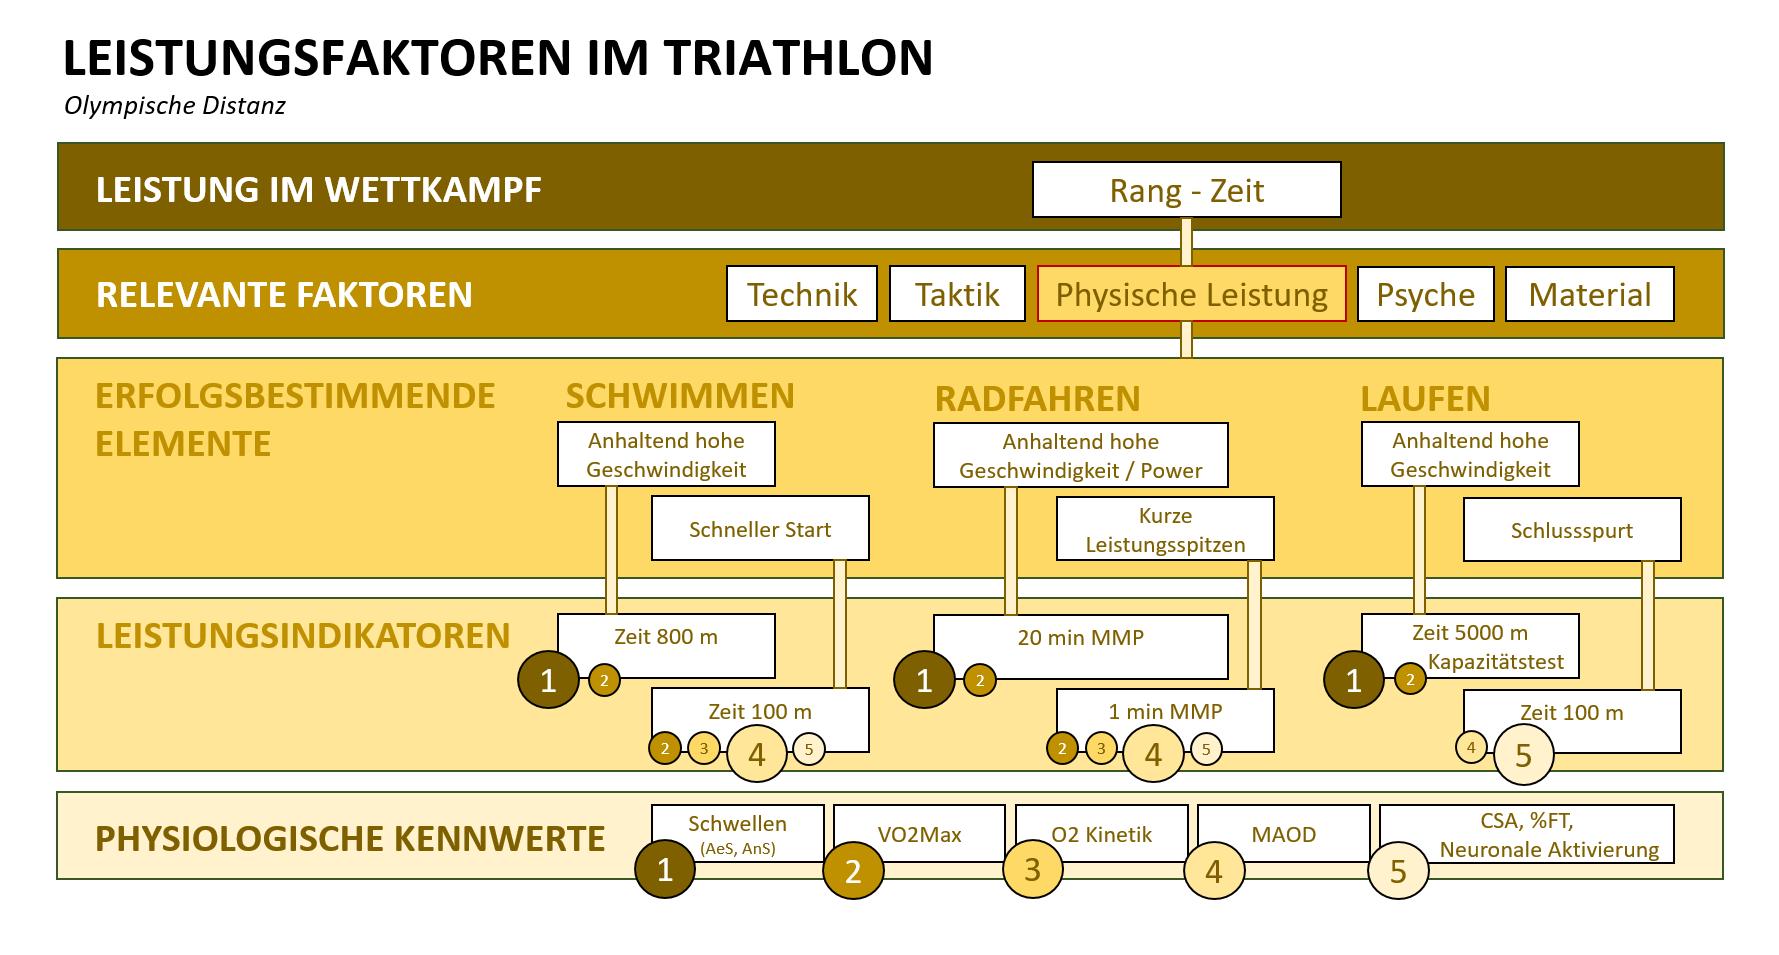 Grafik: Details der Leistungsfaktoren im Triathlon für die Olympische Distanz.